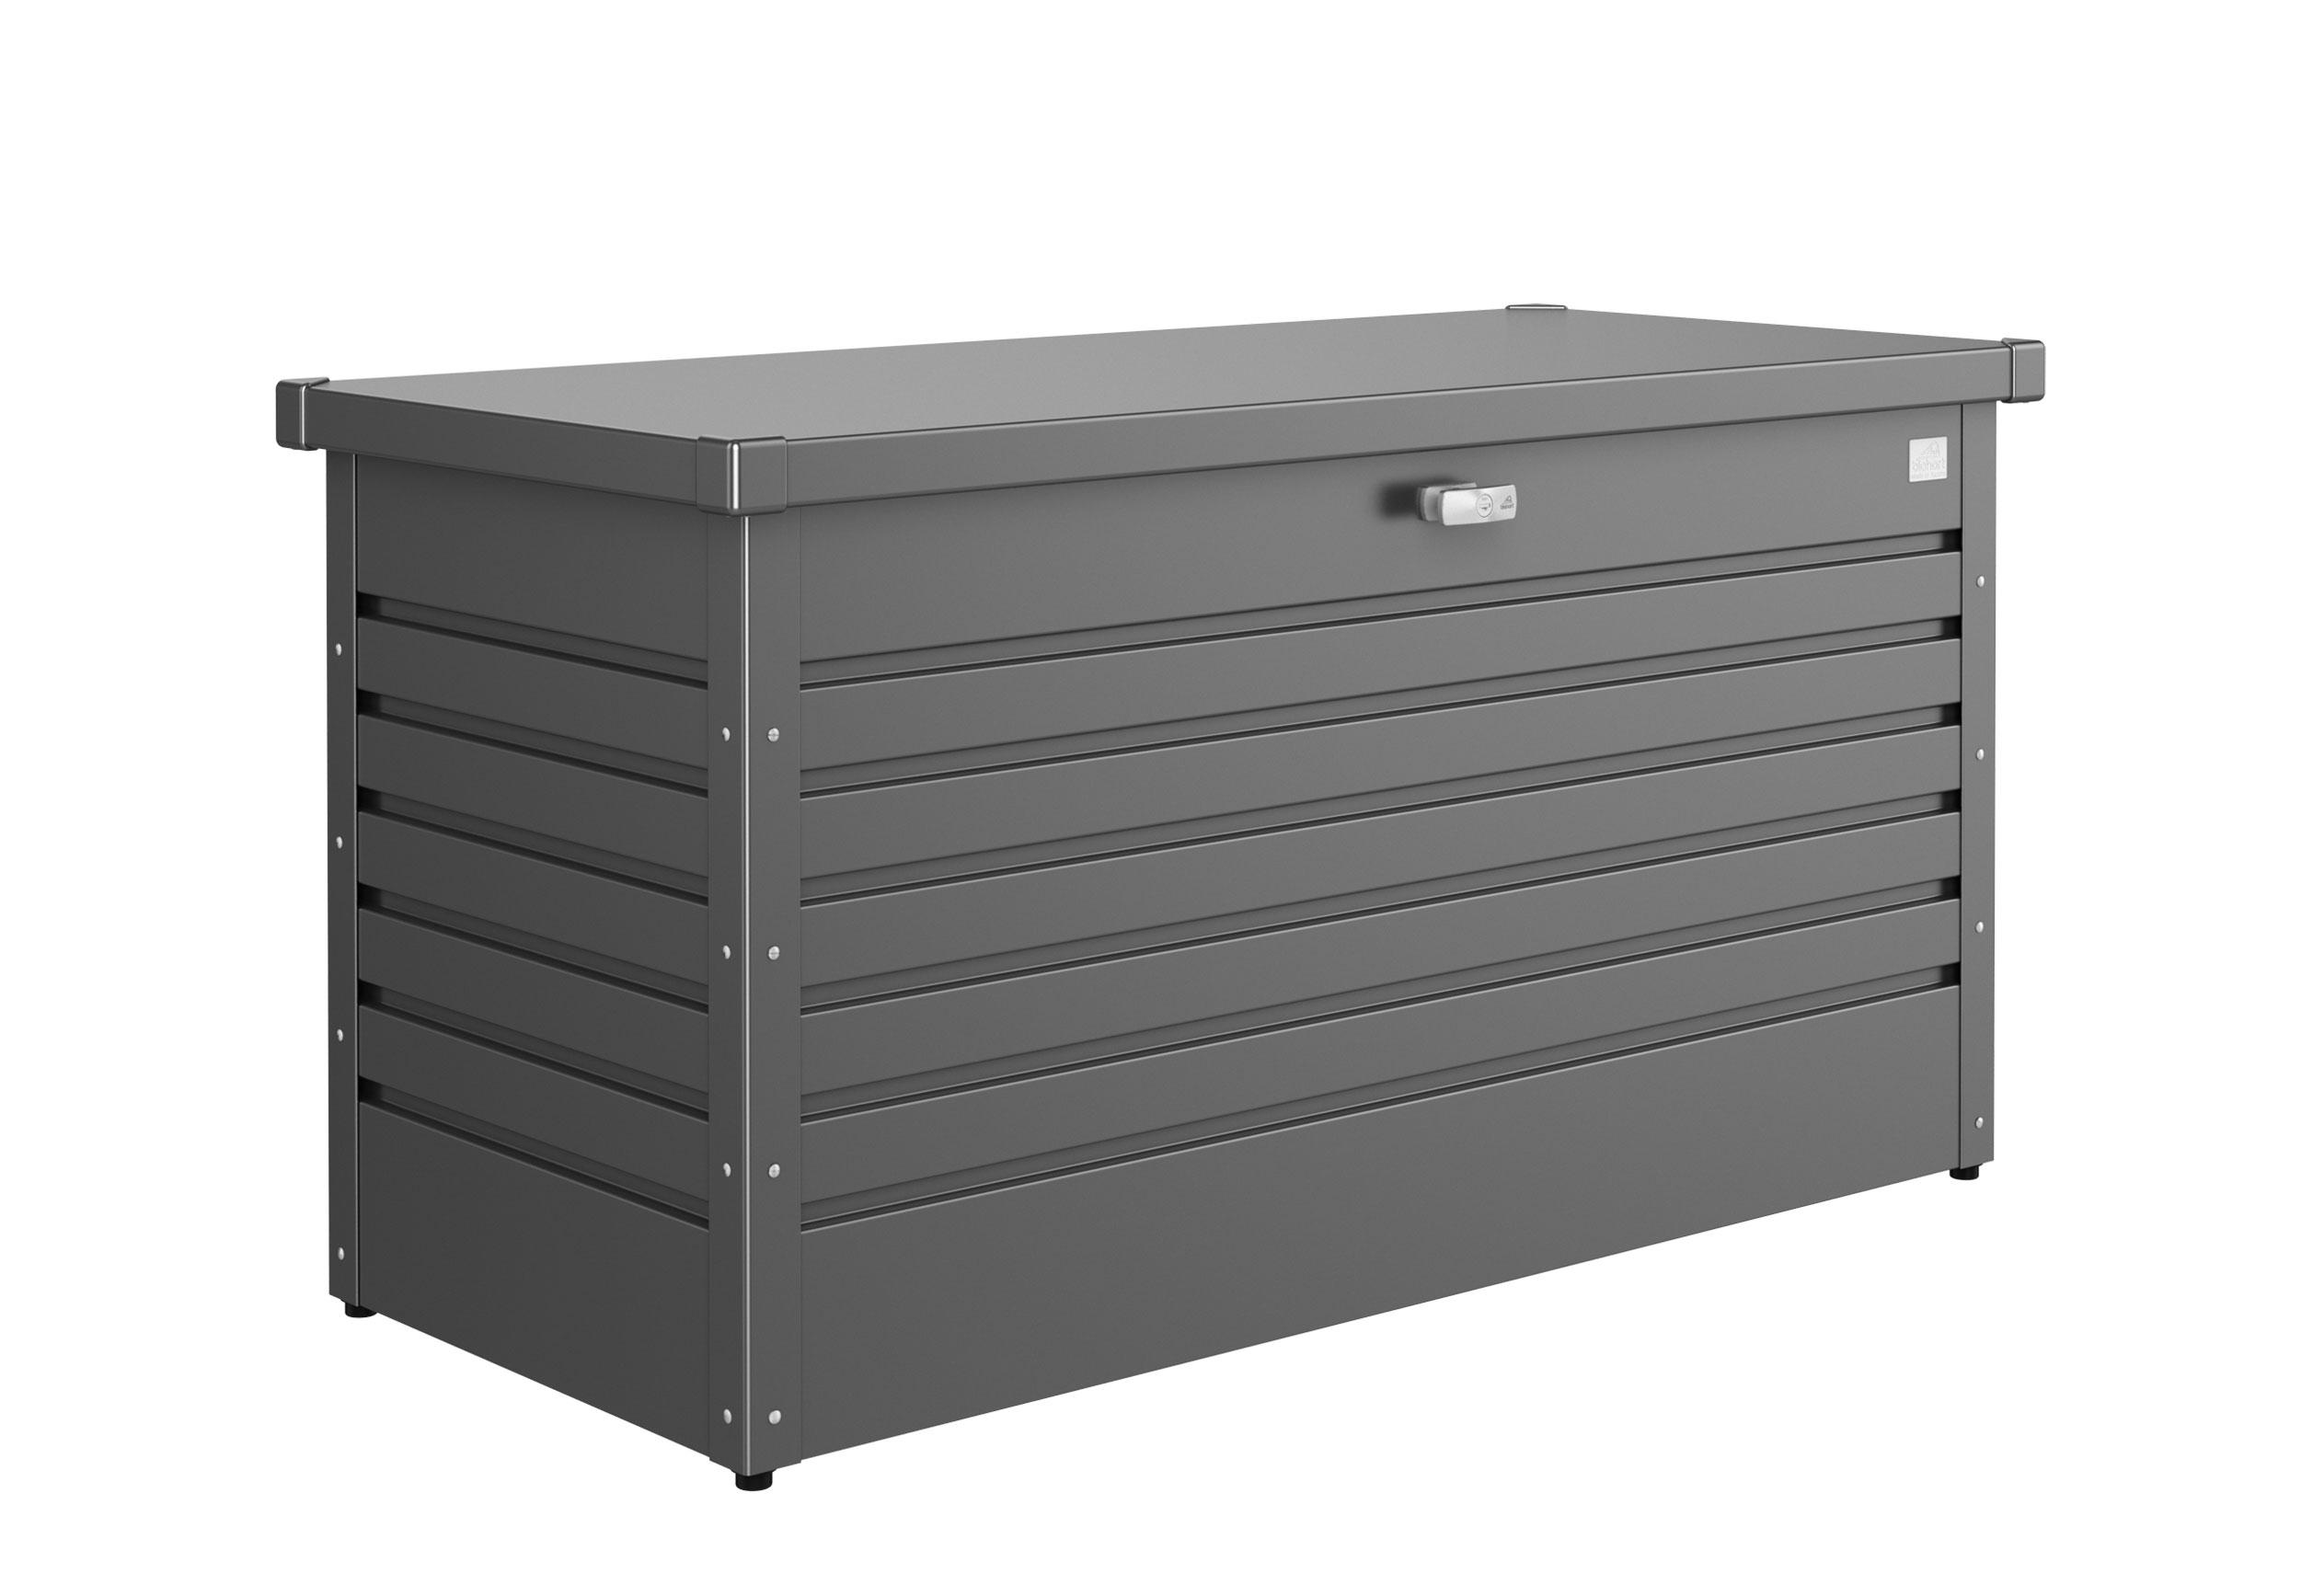 Gartenbox Auflagenbox Biohort Freizeitbox 130 dunkelgrau-metallic Bild 1